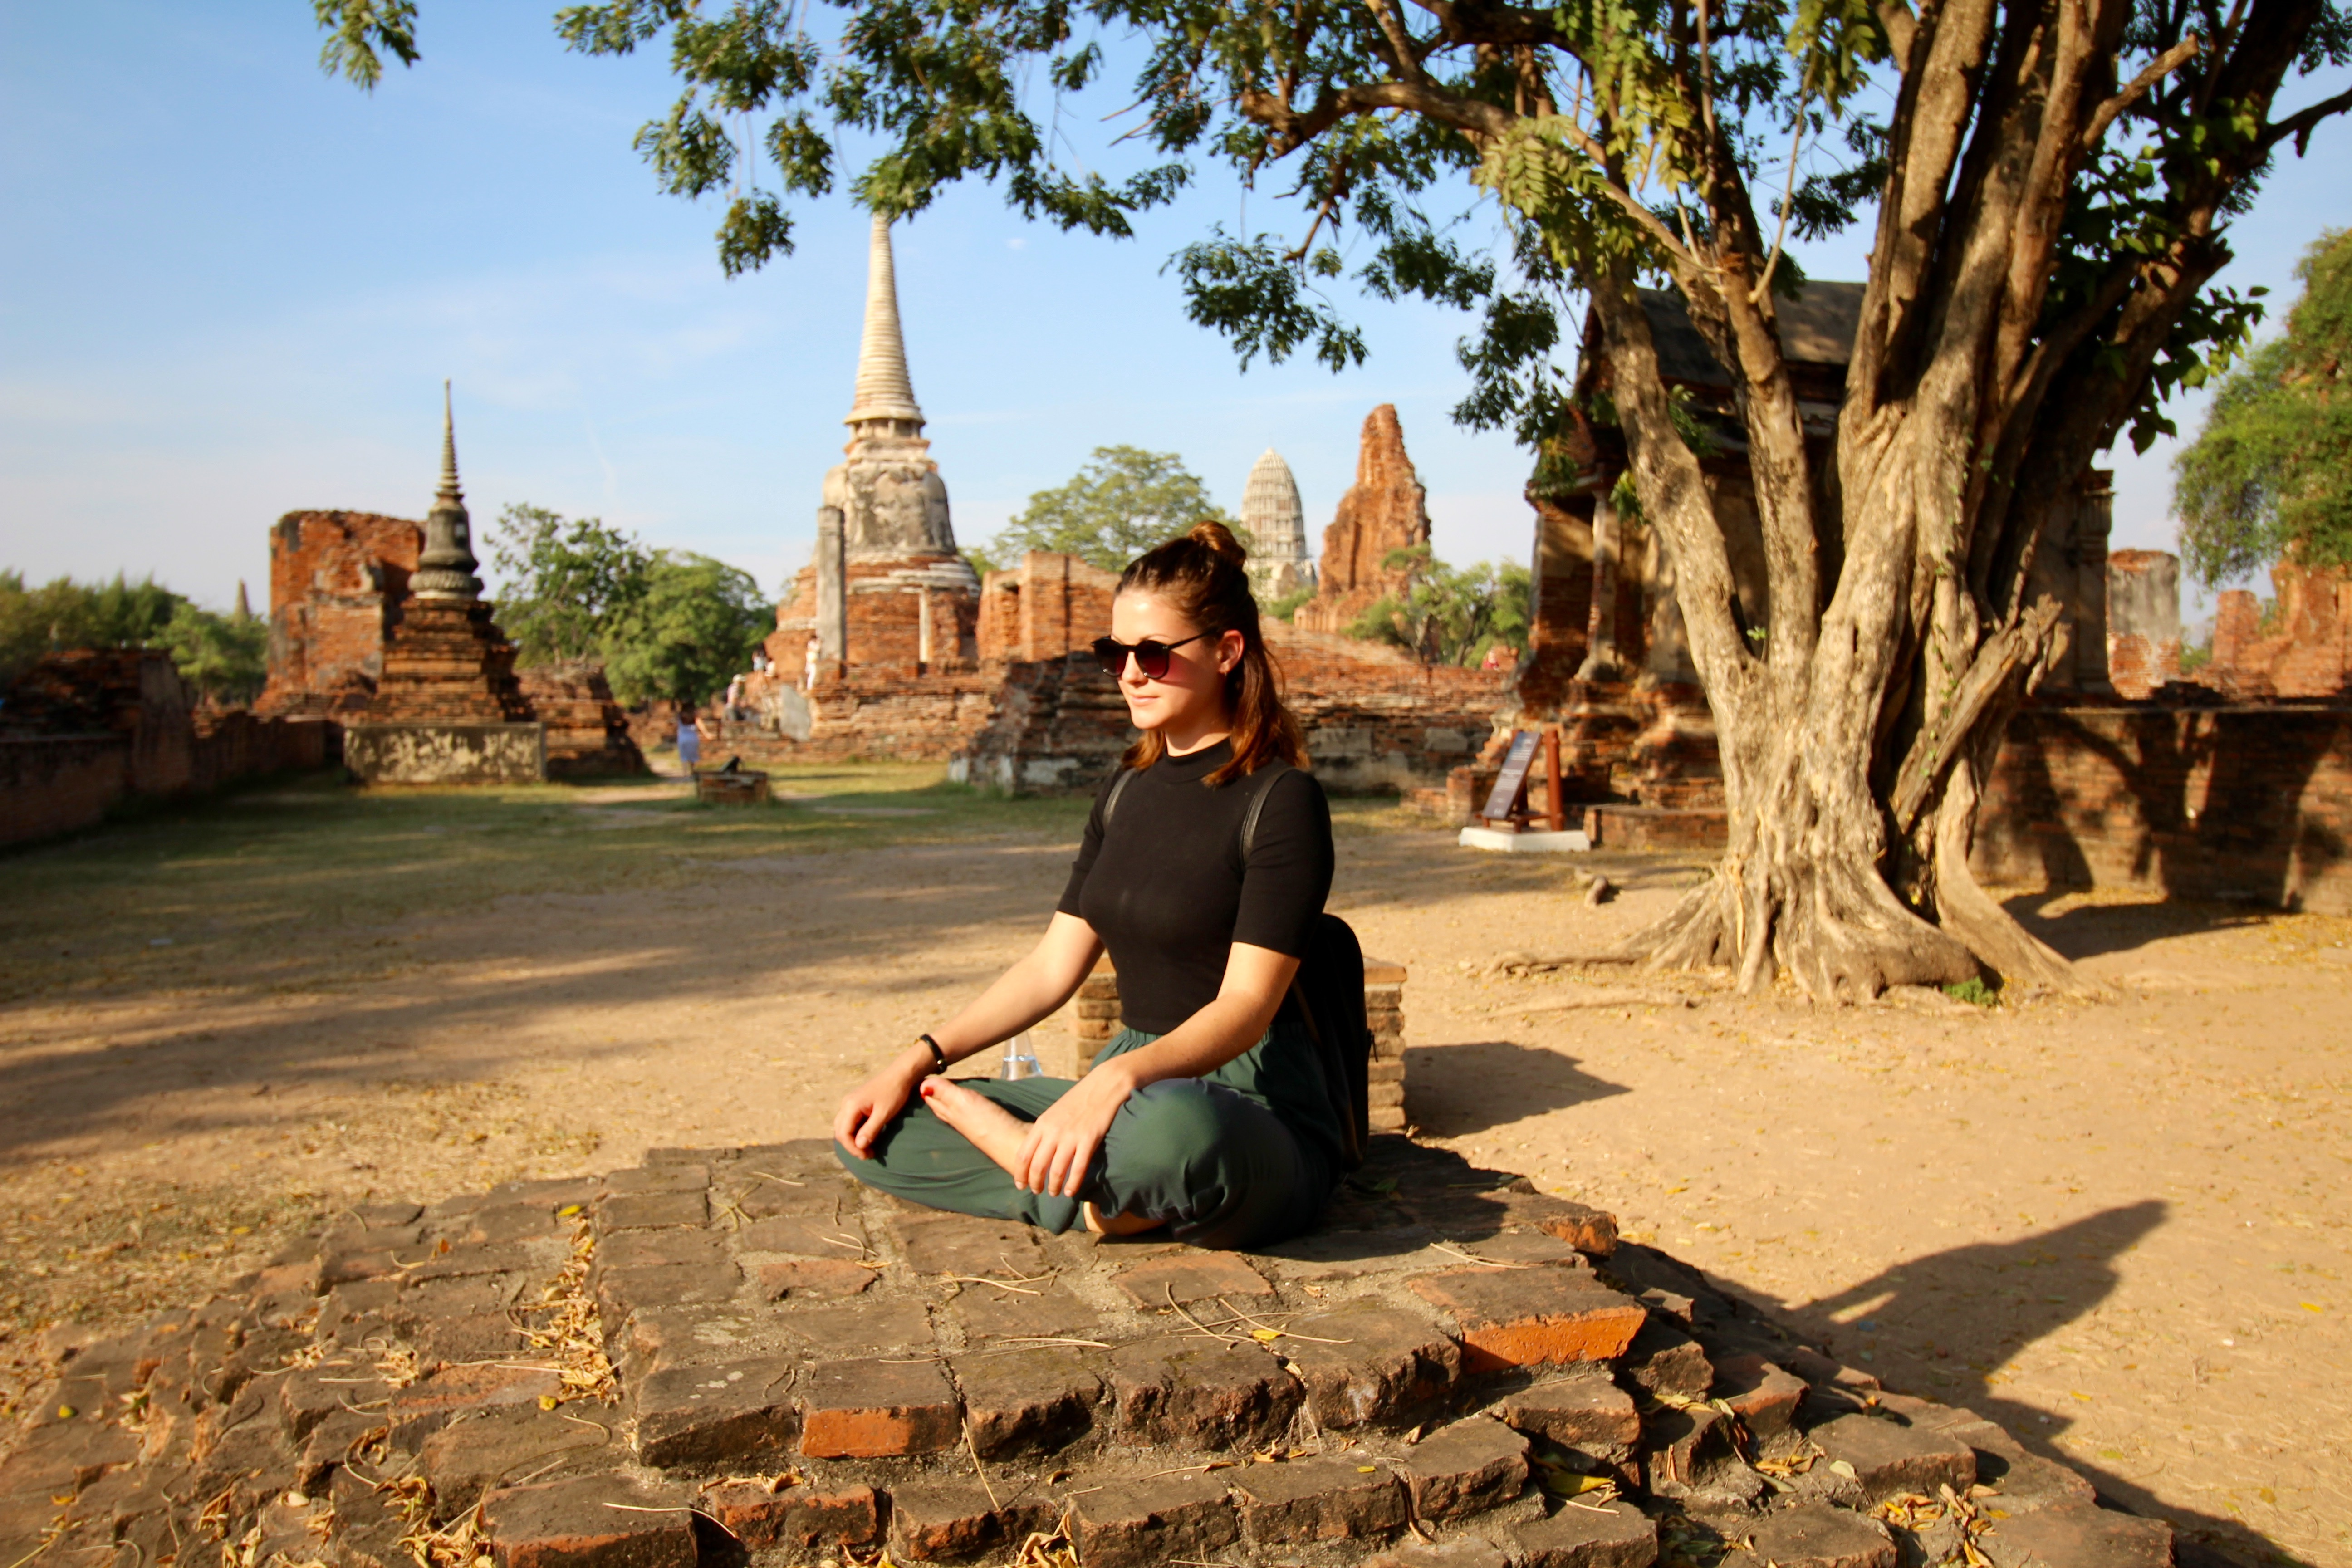 i-to-i intern Pashka in Ayutthaya, Thailand